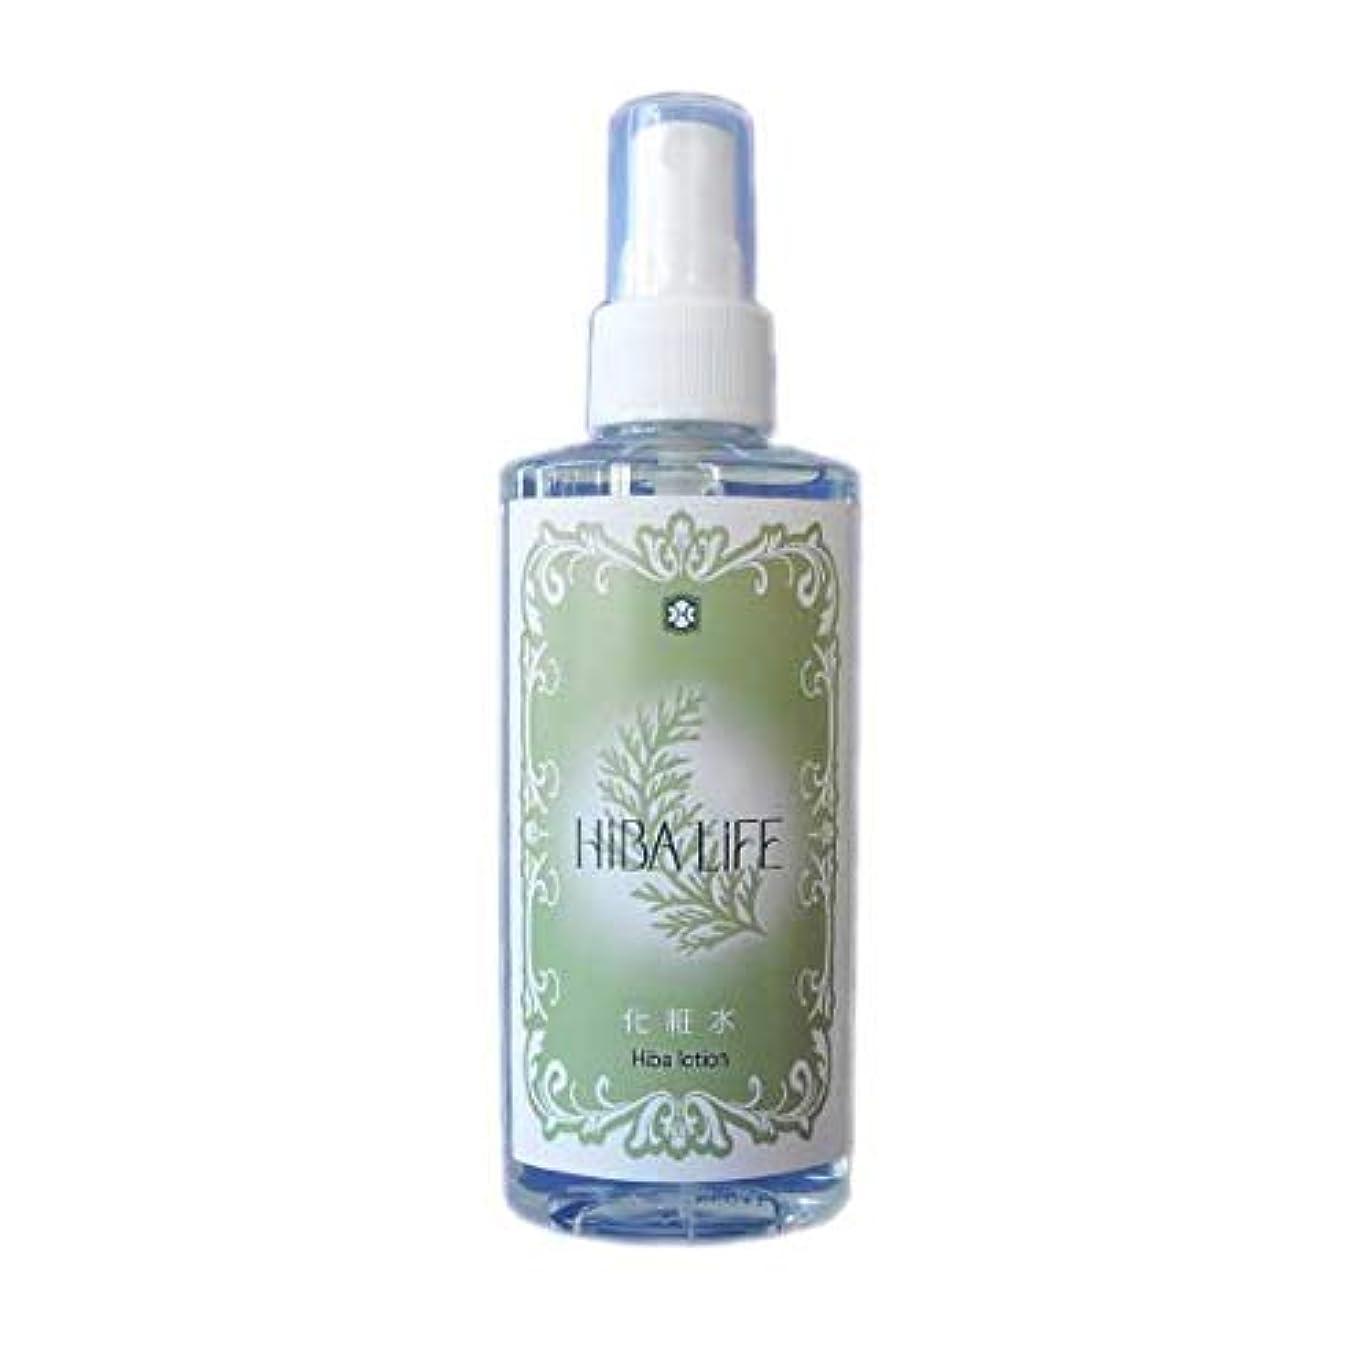 ペルースキッパーうつひばの森化粧水